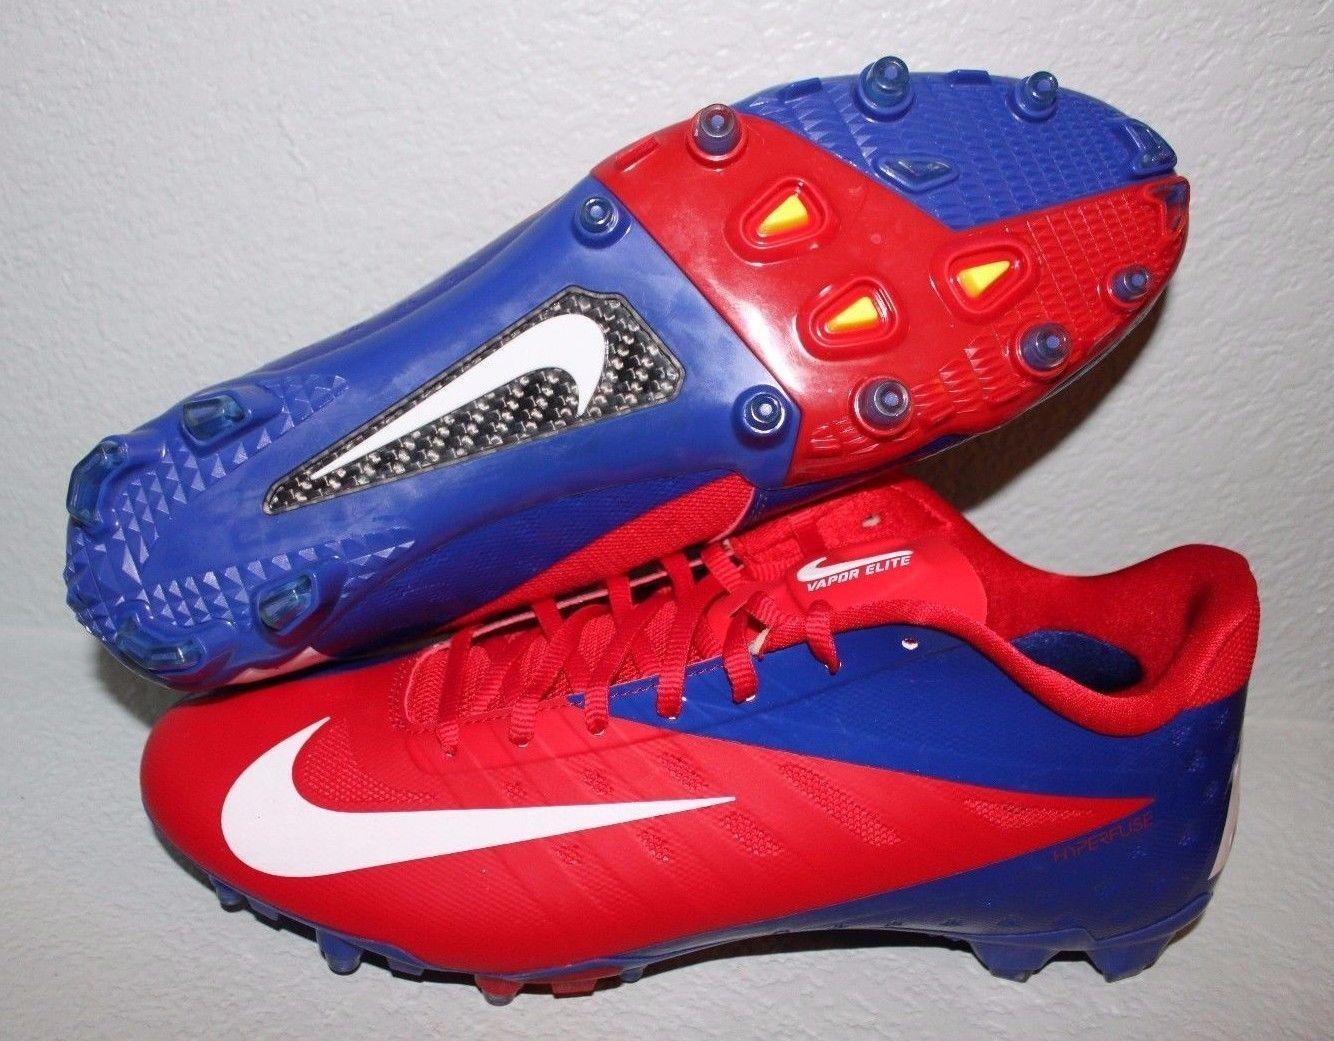 2d575c4120d Nike Vapor Talon Elite Blue